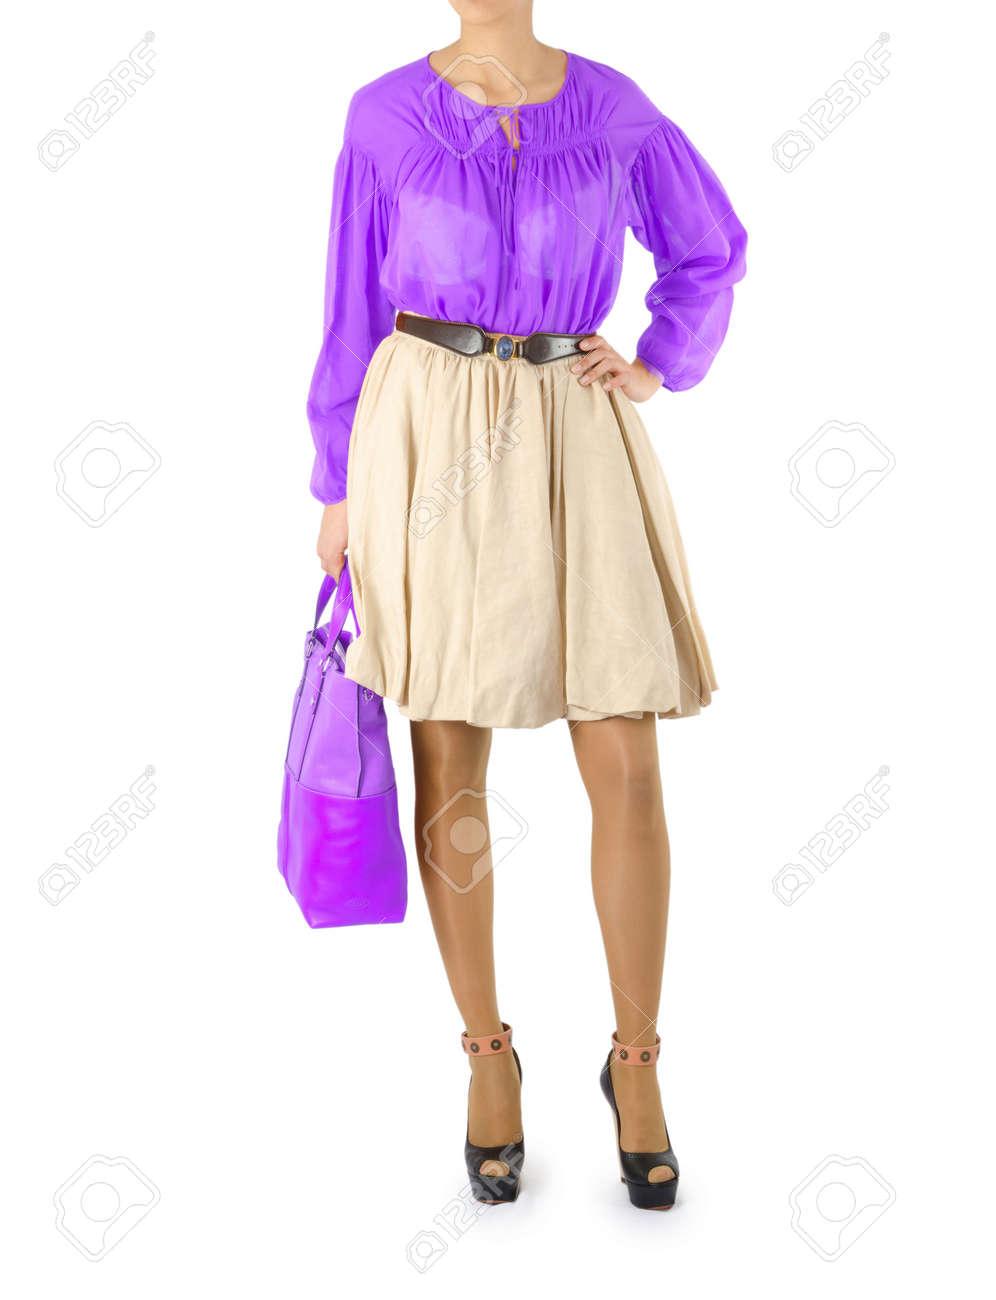 Attractive model in fashion concept Stock Photo - 16283194